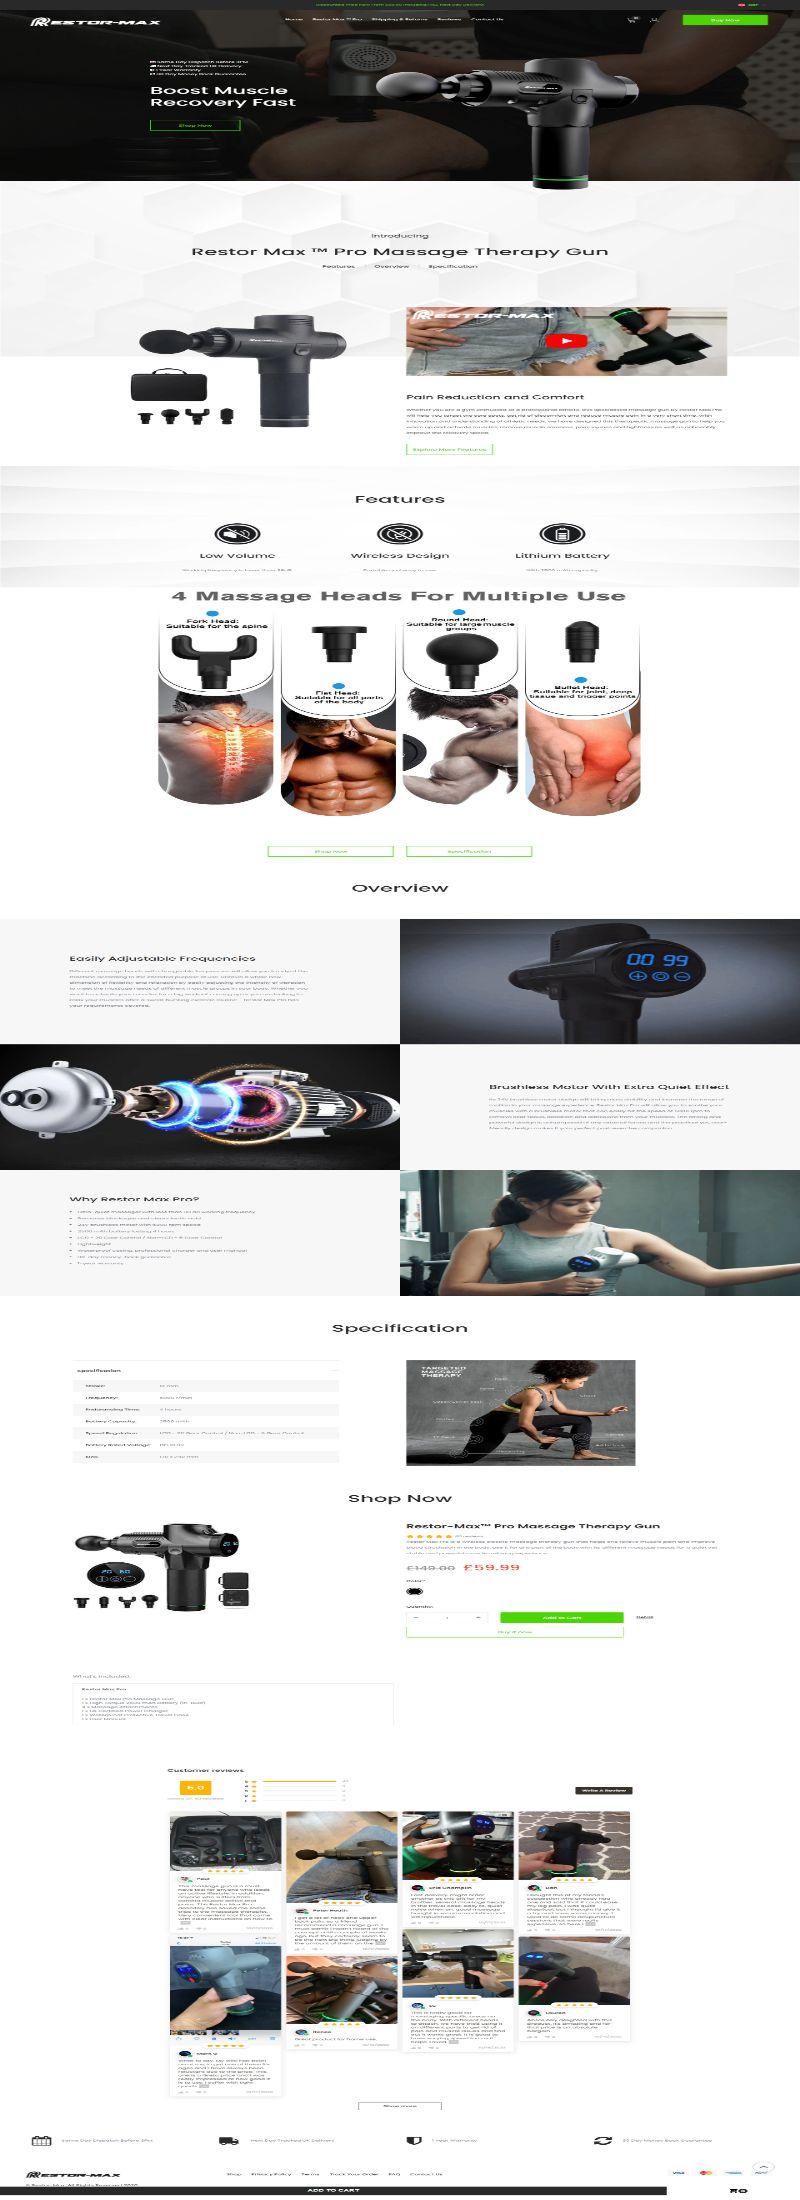 restor max.com